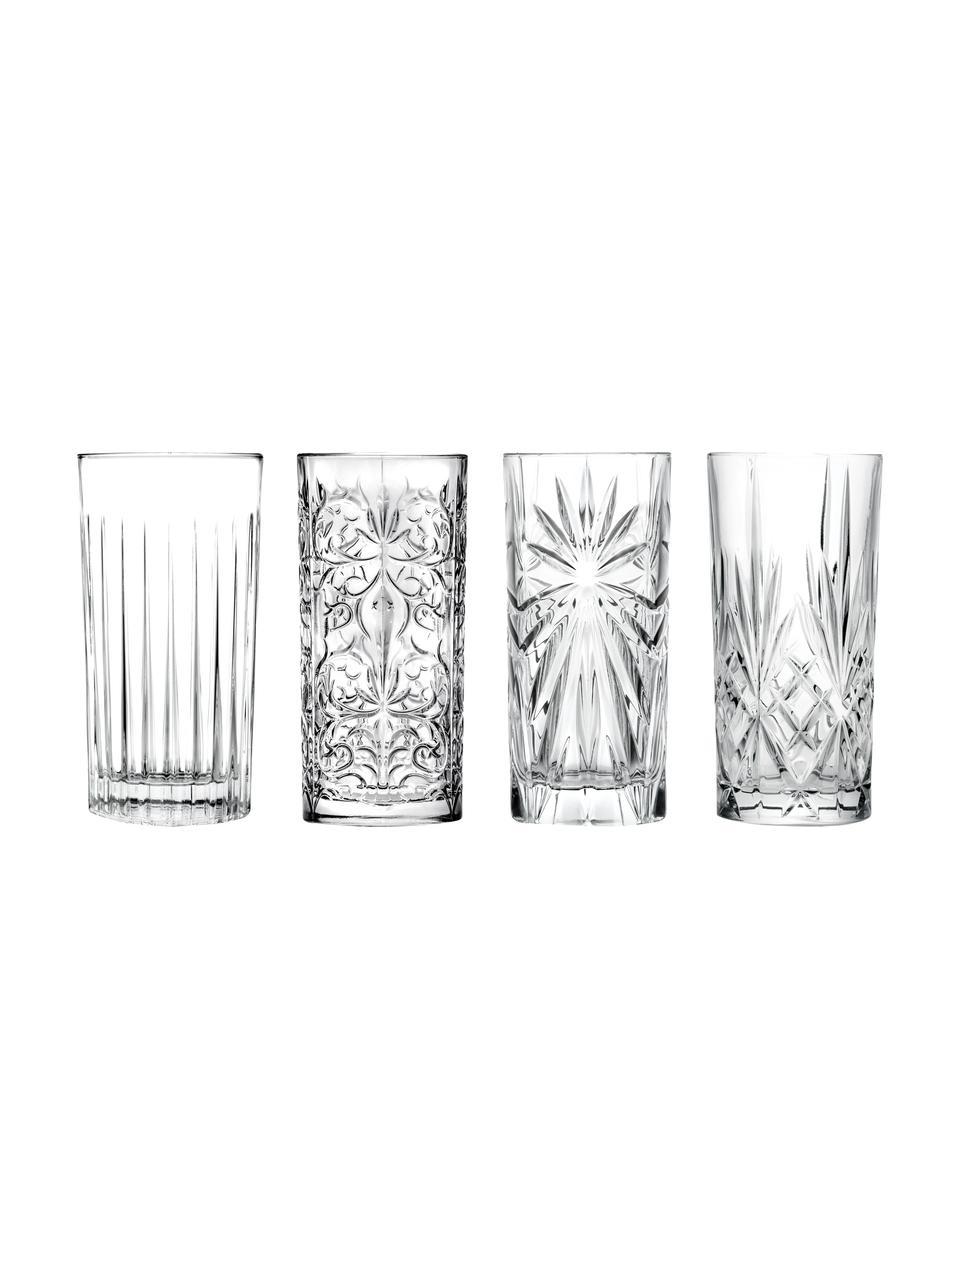 Kristall-Longdrinkgläser Bichiera mit Relief, 4er-Set, Kristallglas, Transparent, Ø 7 x H 15 cm